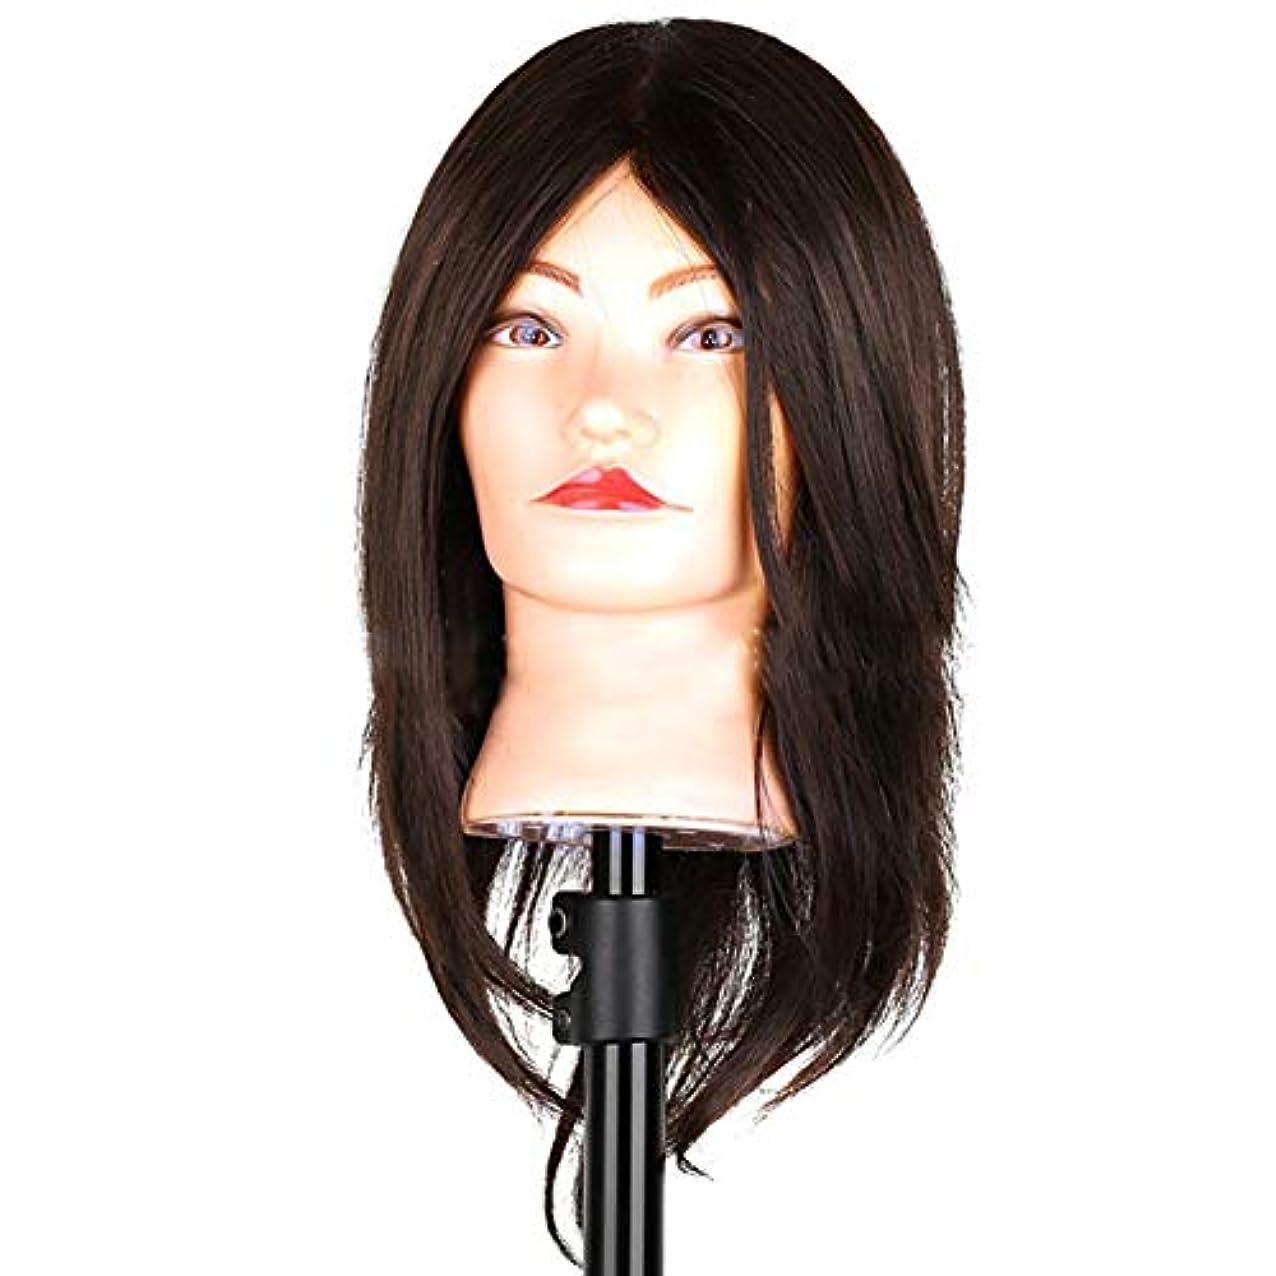 システムバンド使い込むヘアマネキンヘッド練習ディスク髪編組ヘッドモデル理髪店学校教育かつらヘッドバンドブラケット